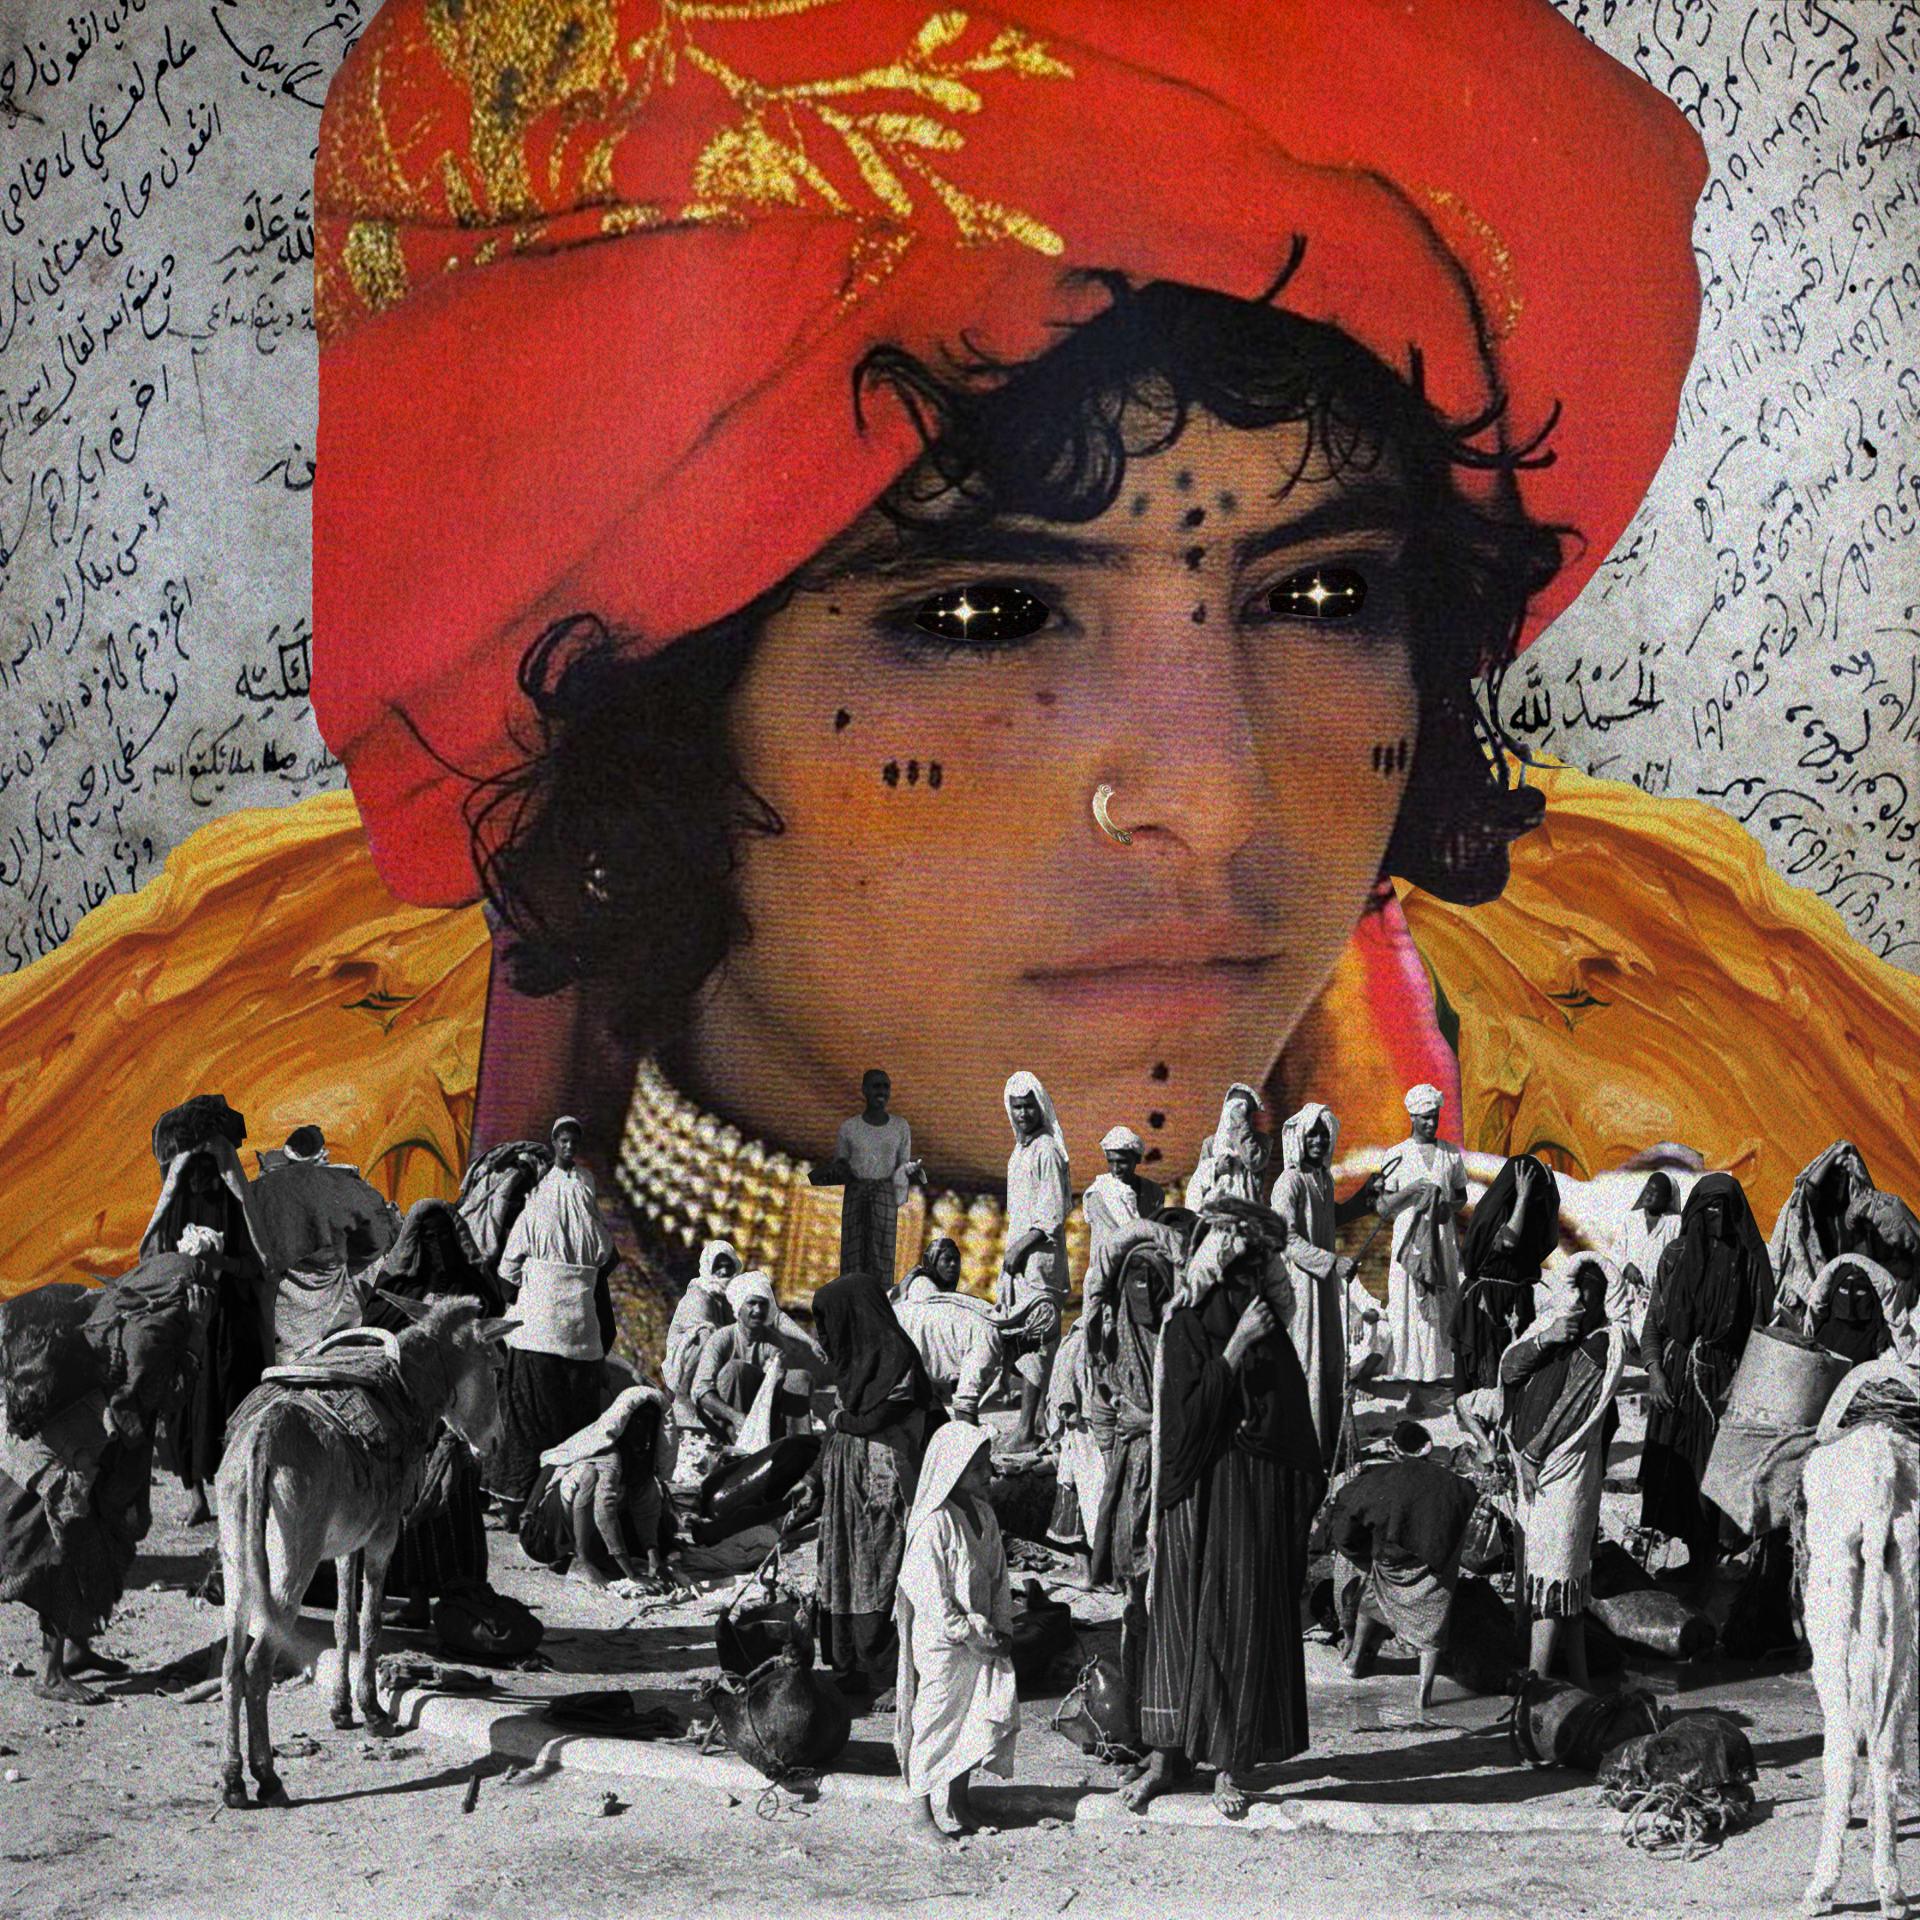 على يد هذه الفنانة السعودية.. قضايا الشرق الأوسط بطابع سريالي